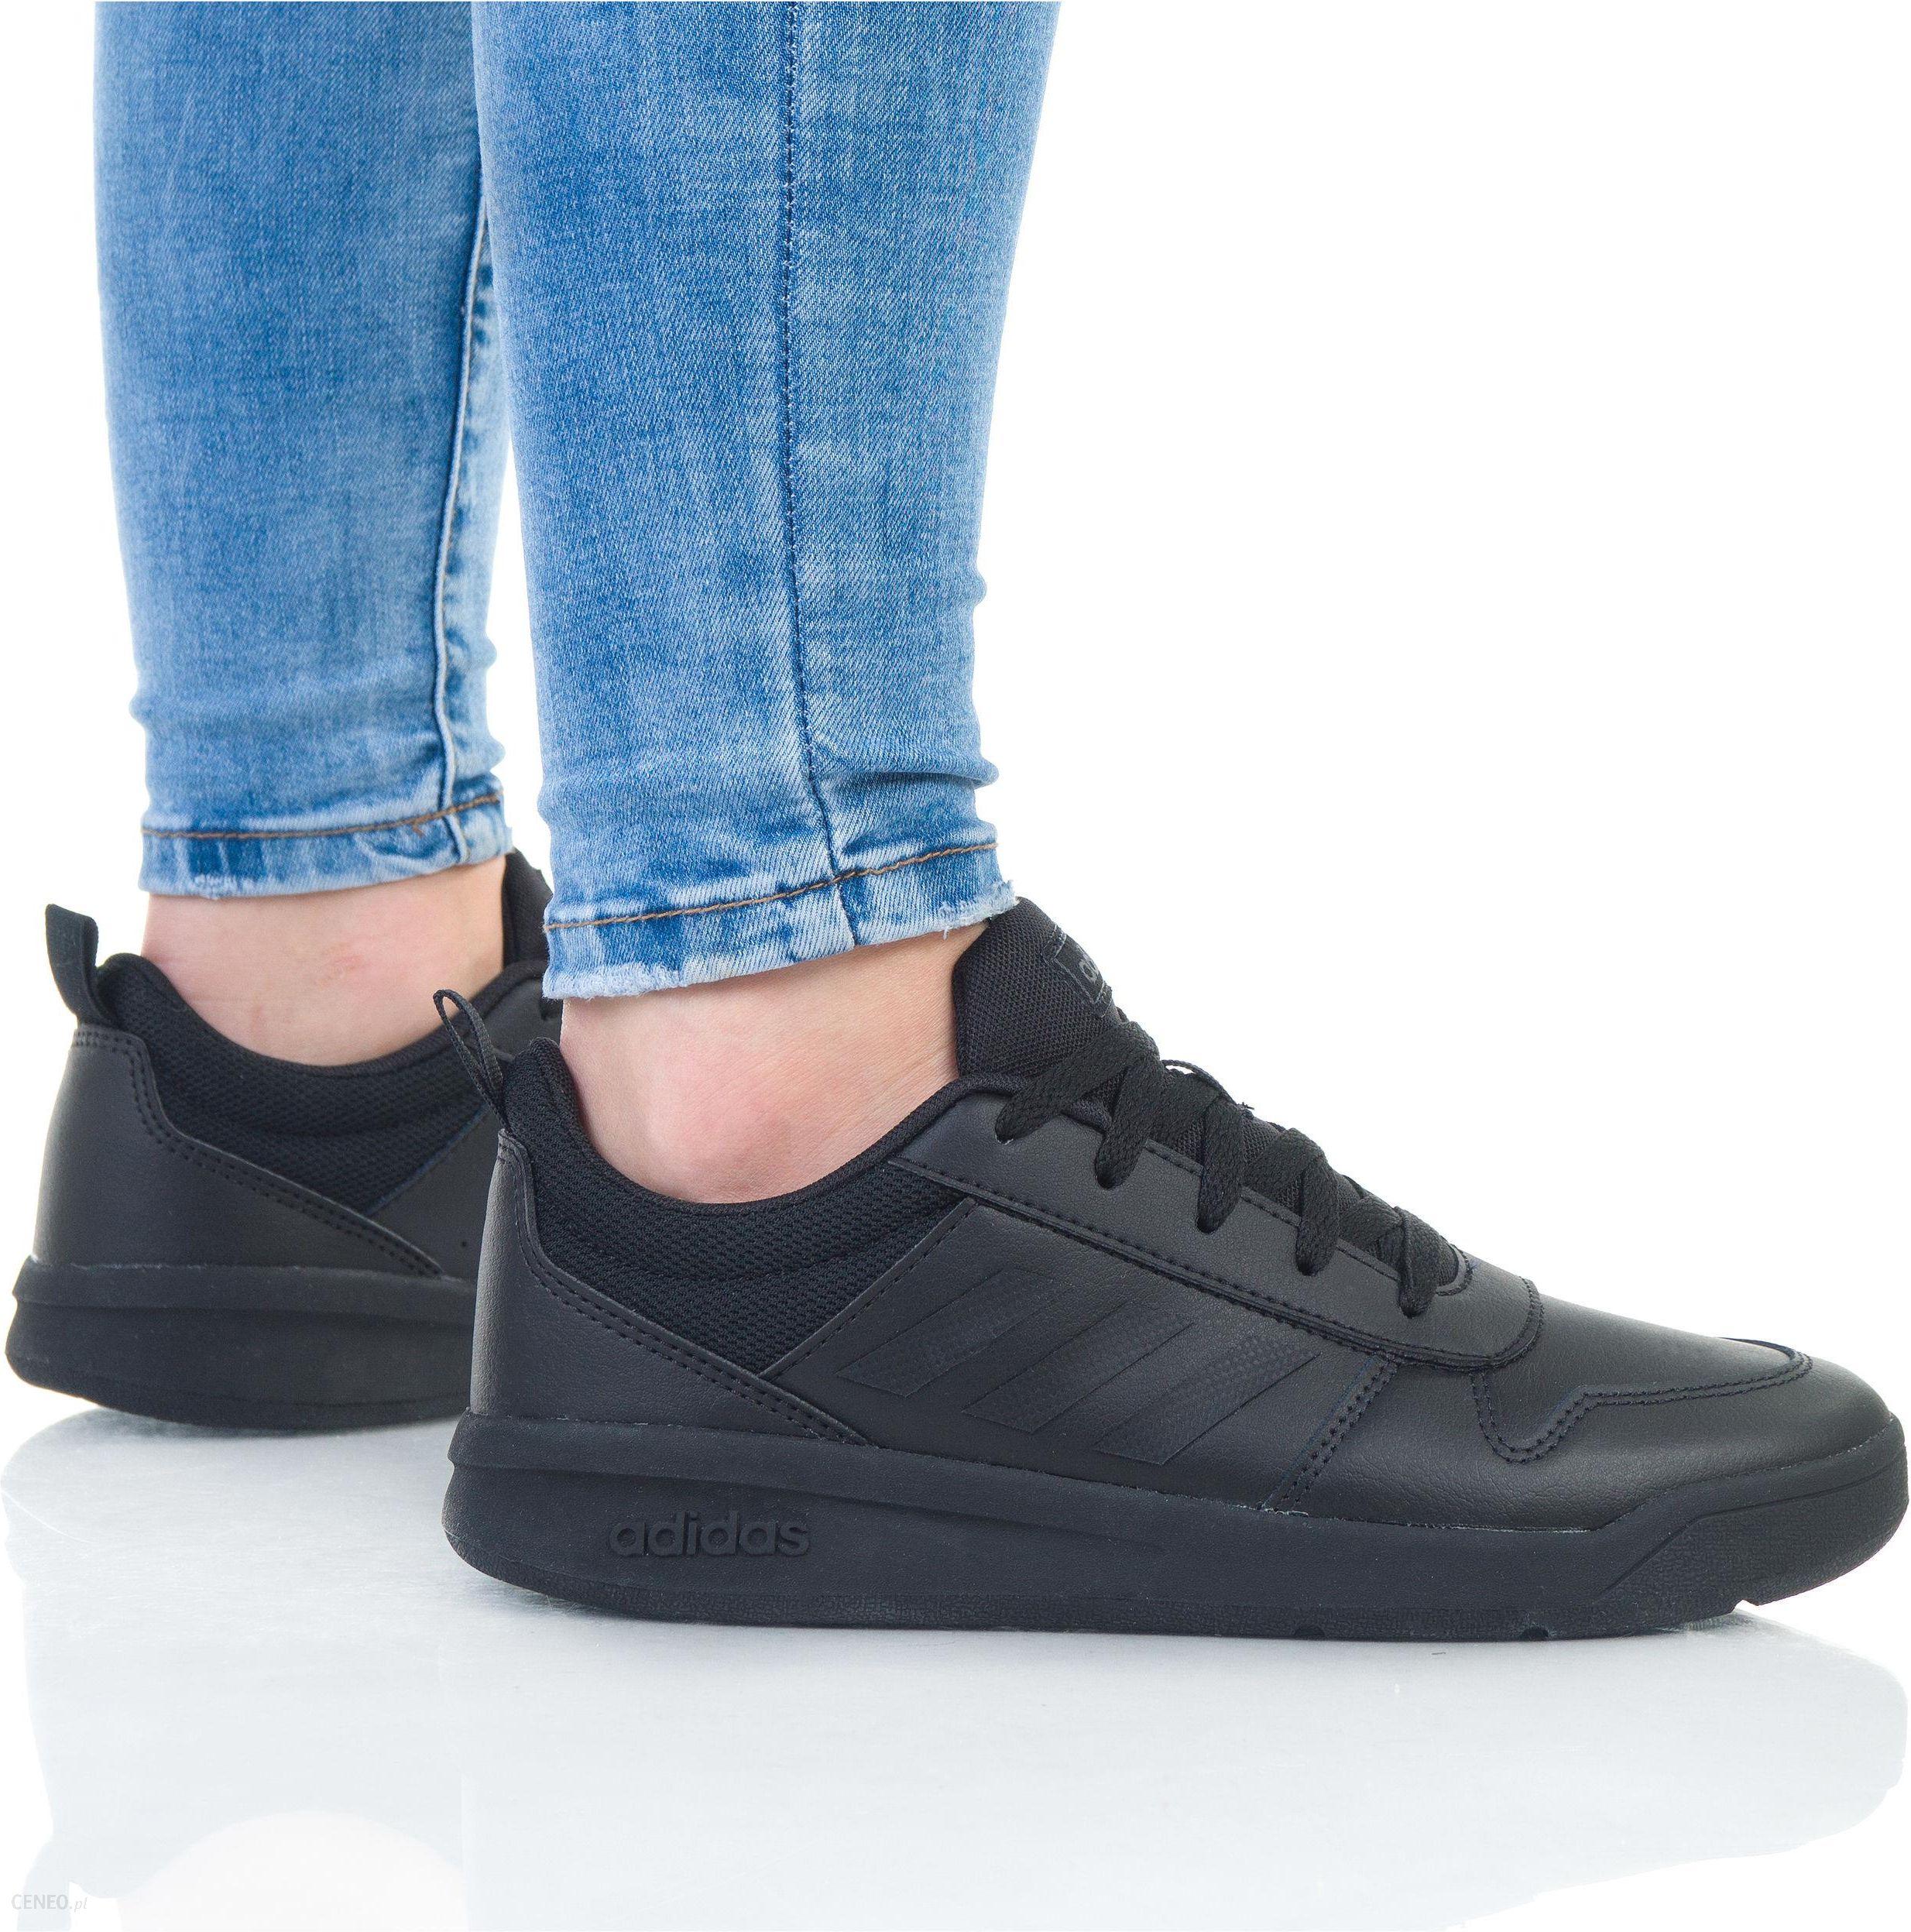 Buty dla dzieci adidas Tensaur K czarne EF1086 Rozmiar 35